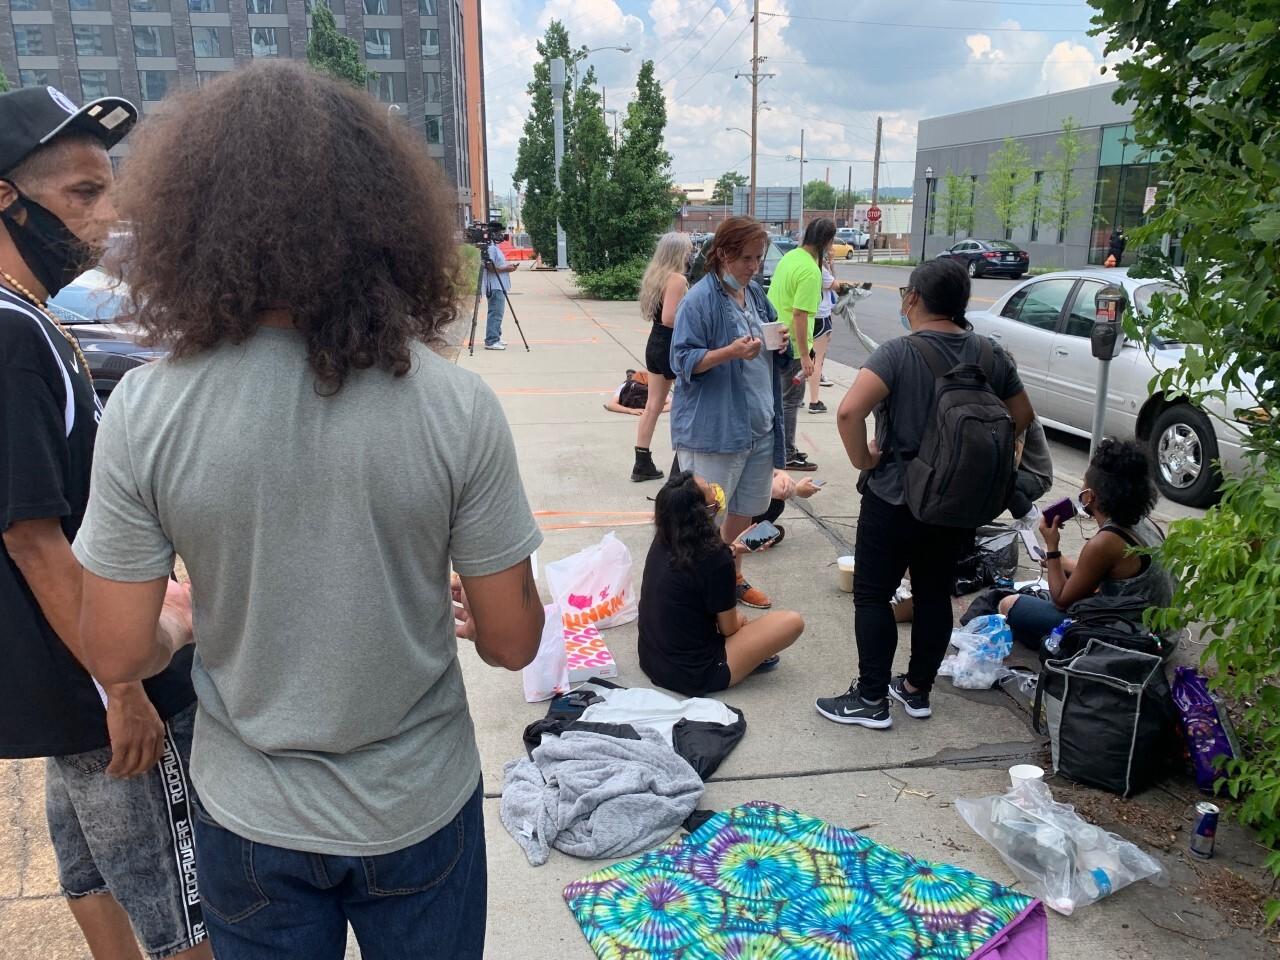 protest arrests 2